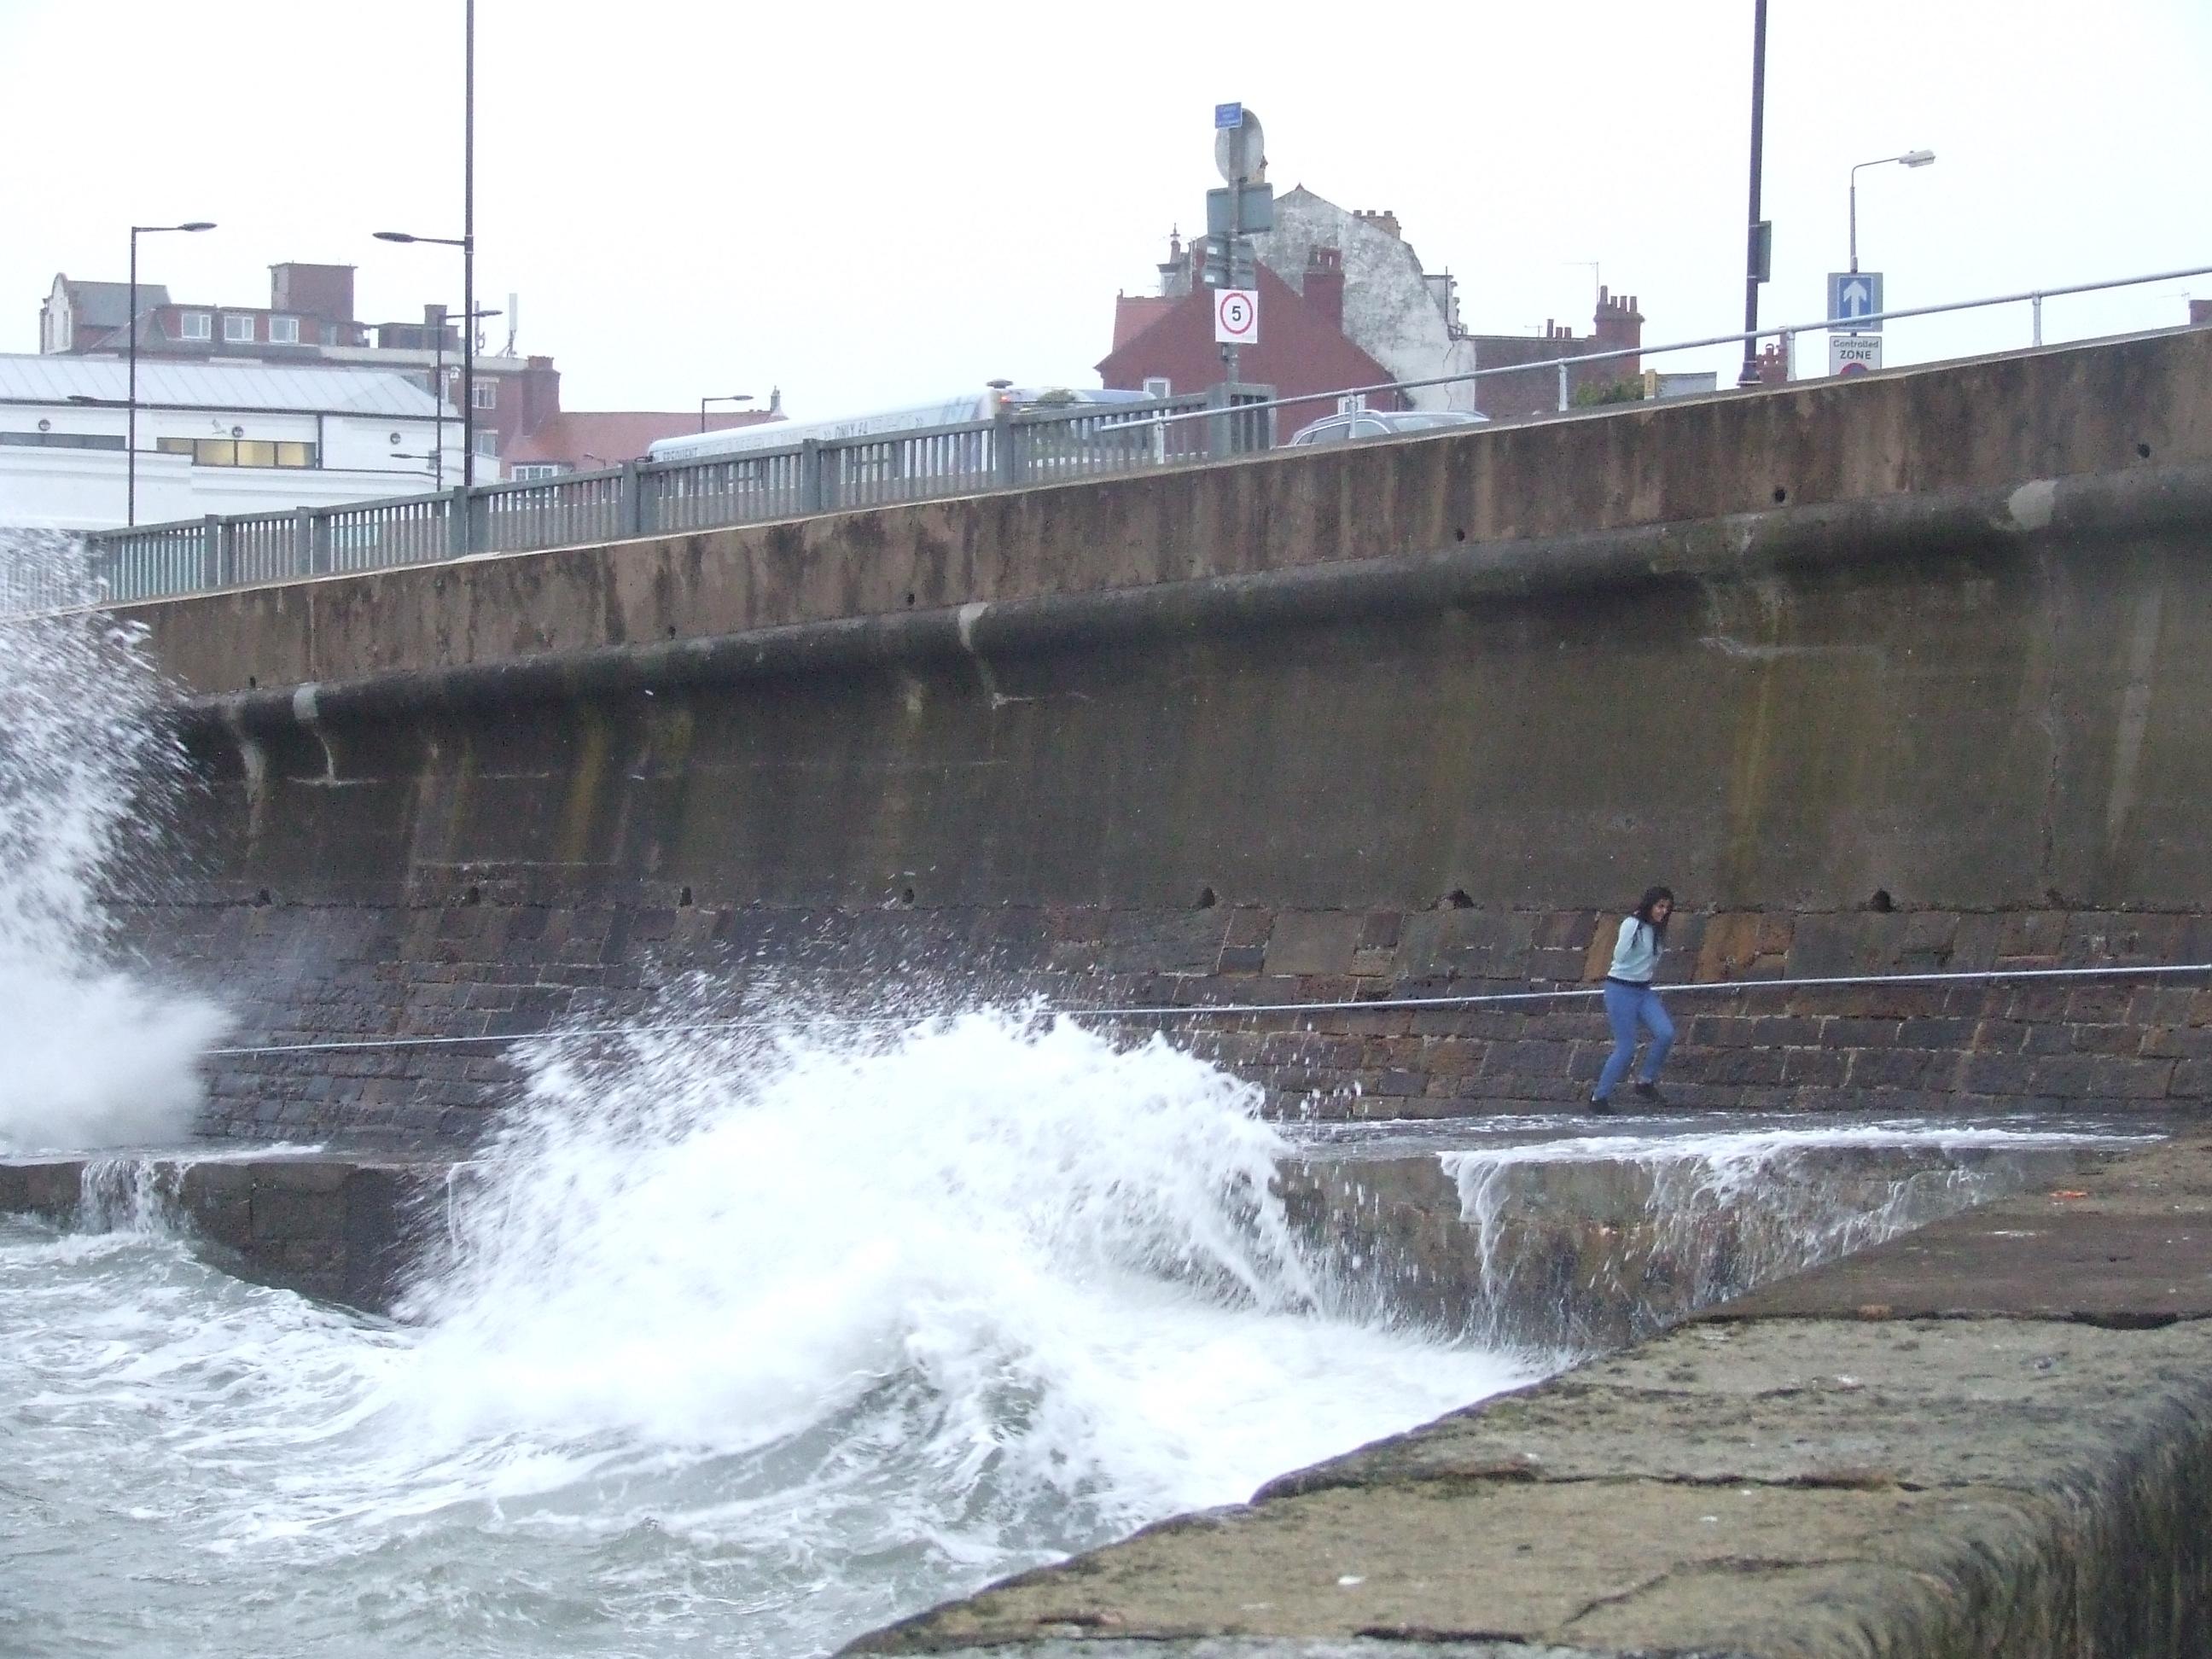 Helyi srácok a felcsapó hullámok elől ugráltak. Estére az apály több, mint 2 méterrel csappantotta meg a vízszintet.<br /><br />Fotó: Má